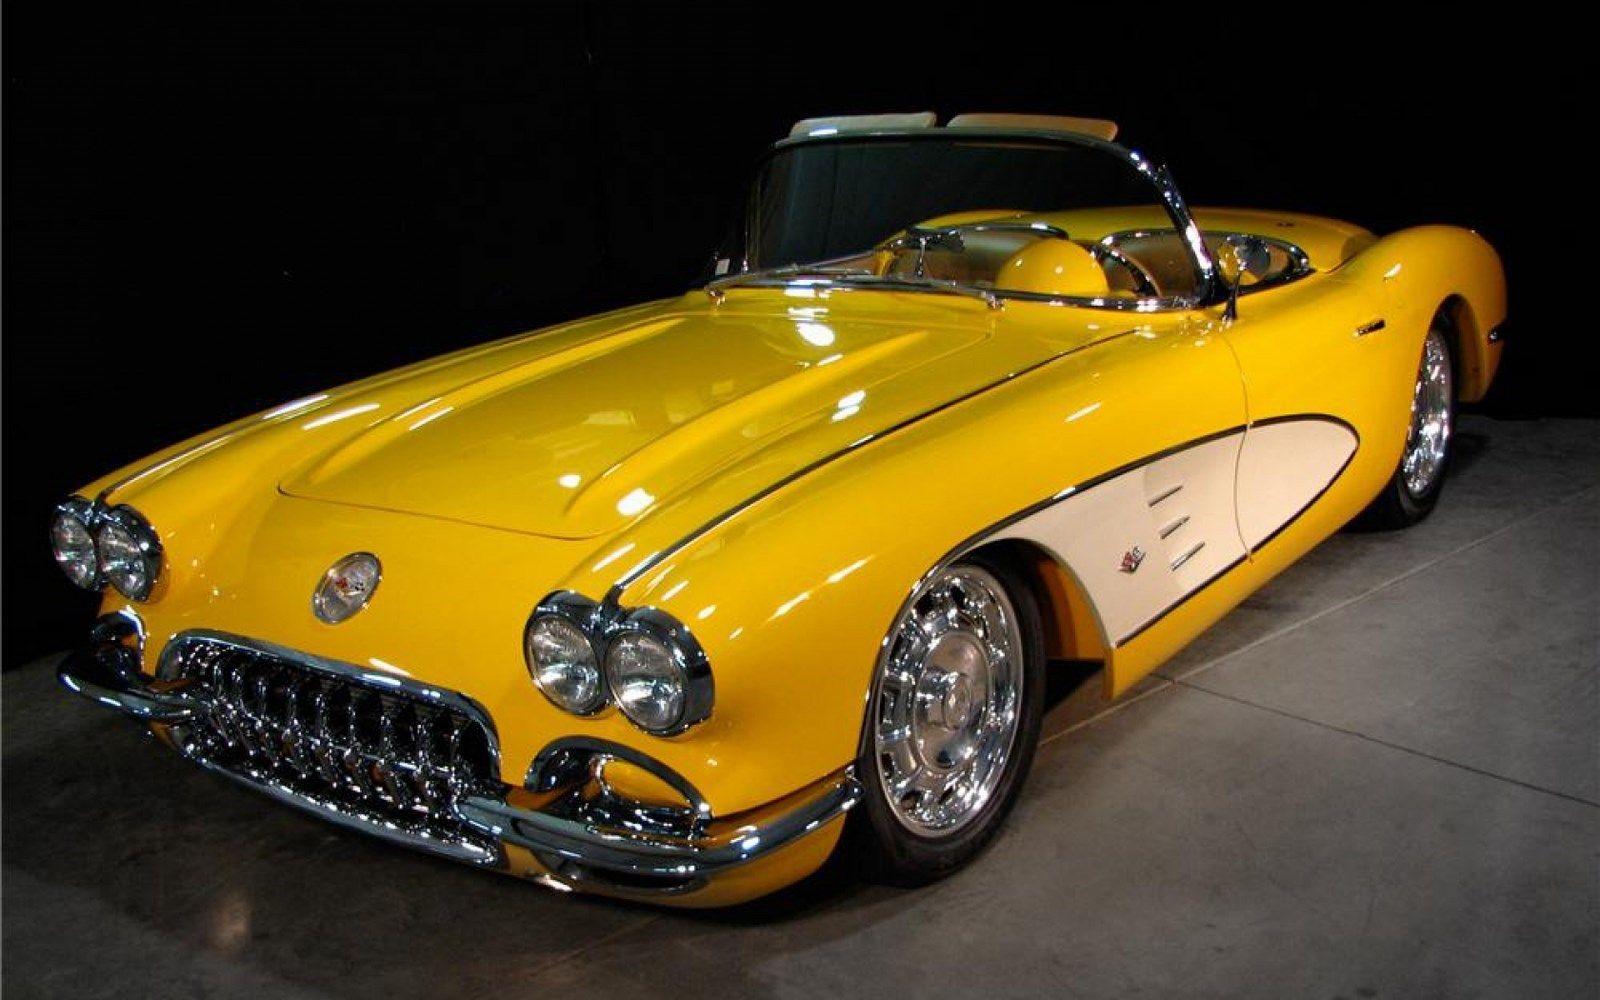 1959 Chevrolet Corvette Chevrolet Pinterest Flats